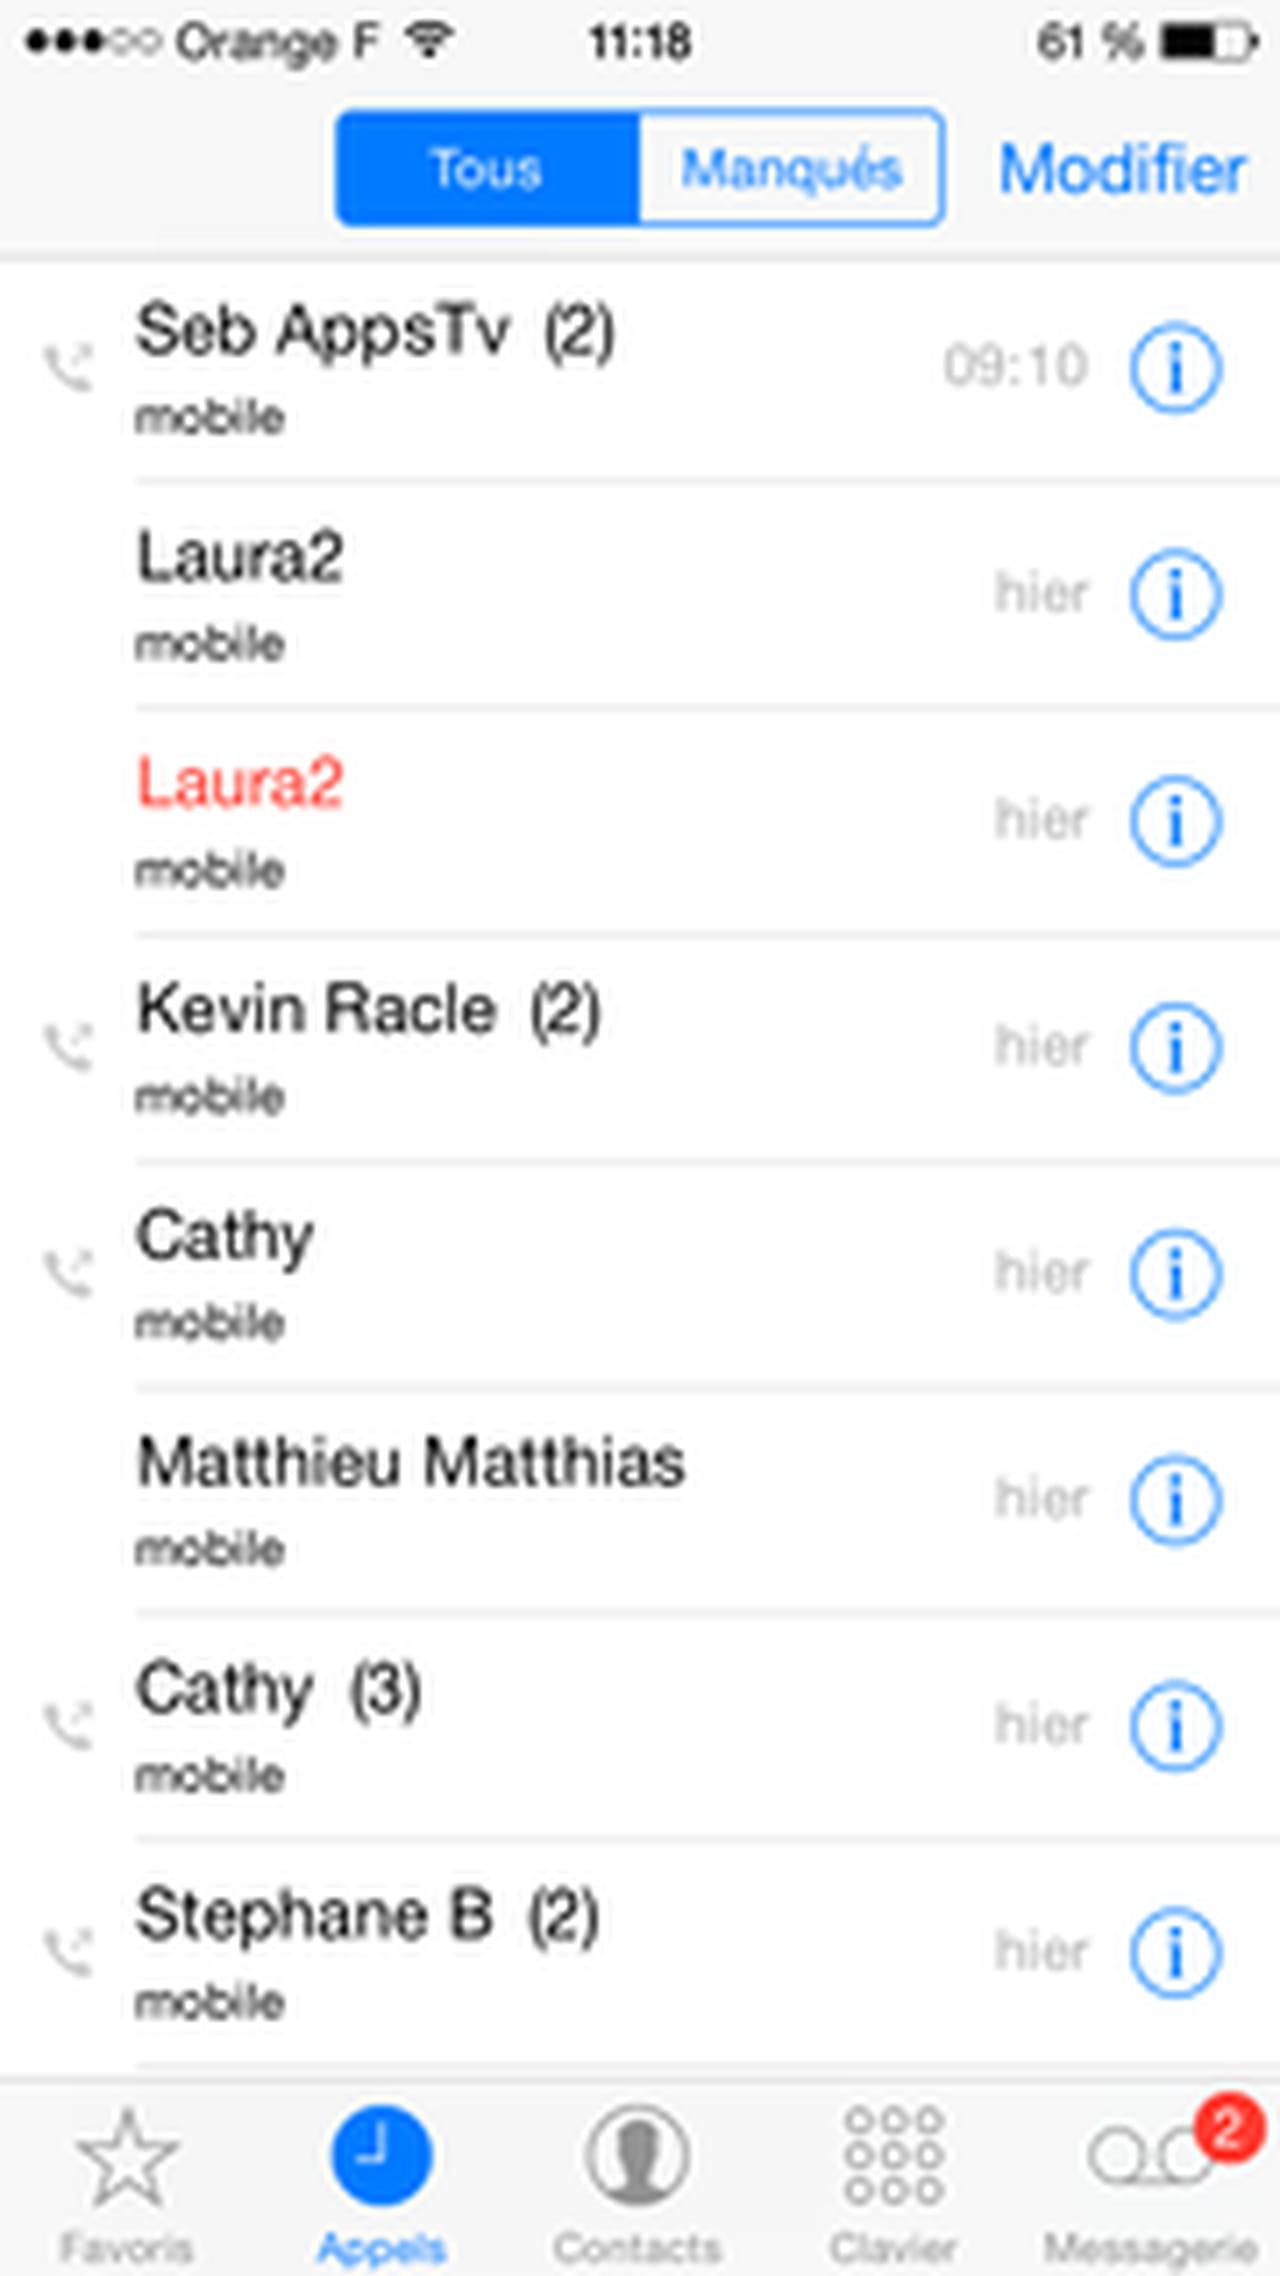 bloquer appels et sms